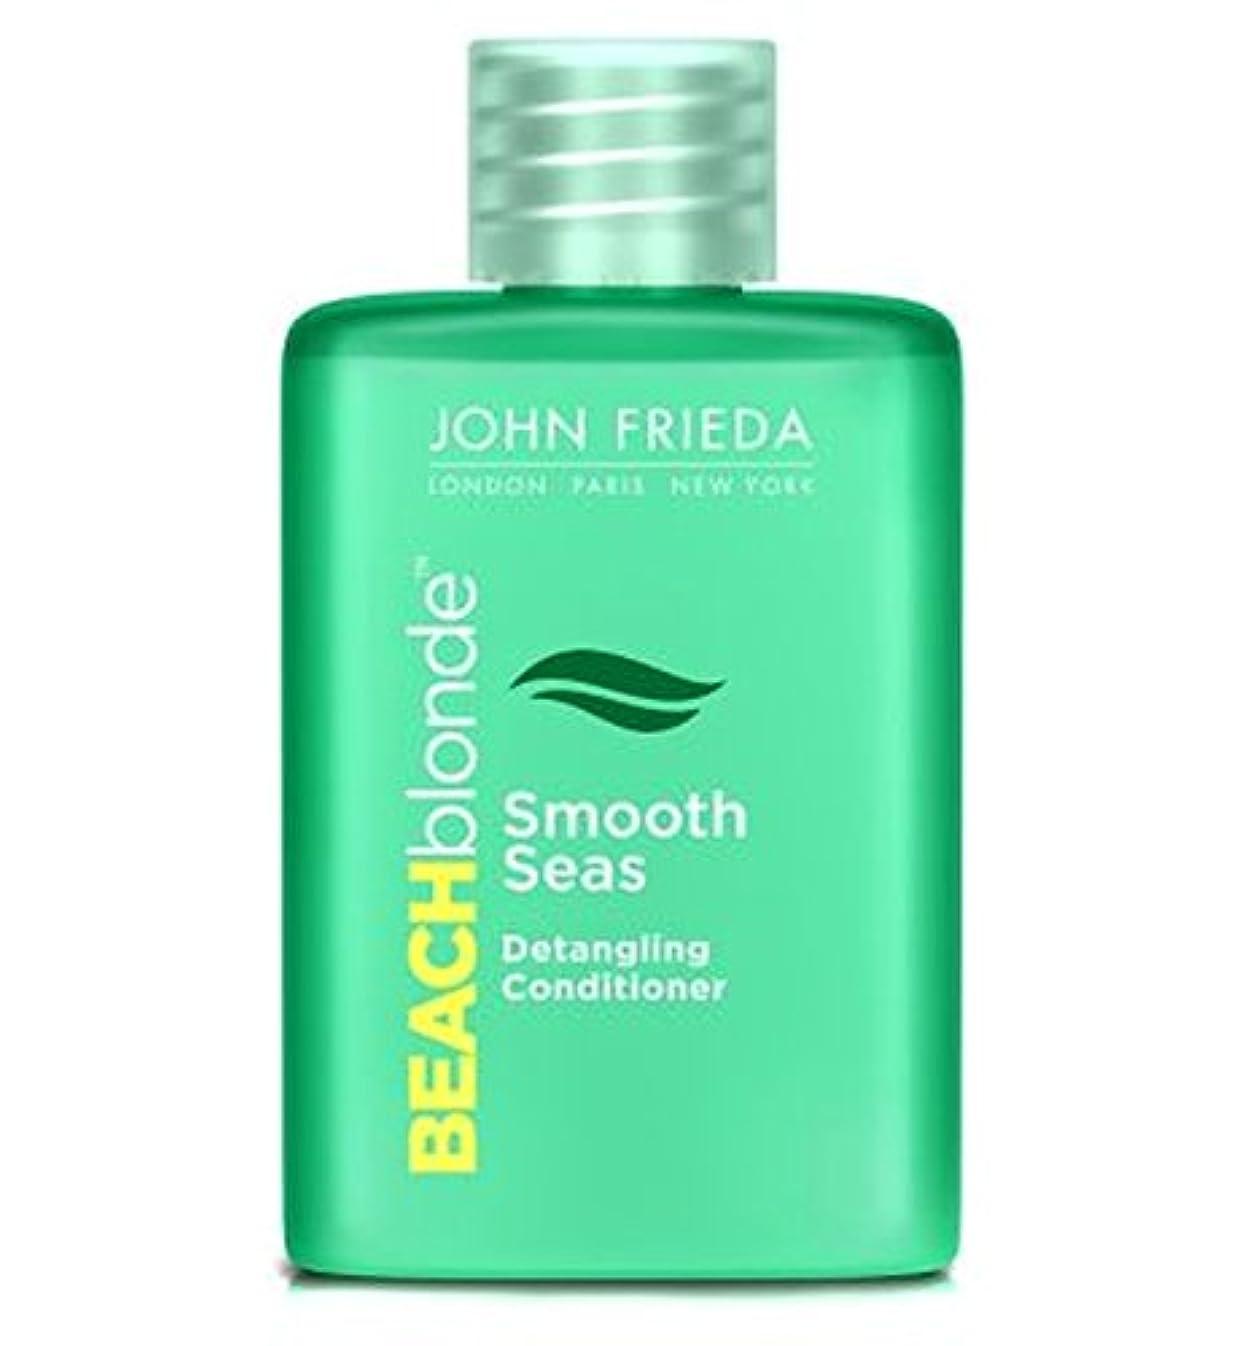 感嘆ガソリン教育者コンディショナー50ミリリットルをもつれ解除ジョンFrieda?ビーチブロンド滑らかな海 (John Frieda) (x2) - John Frieda? Beach Blonde Smooth Seas Detangling...